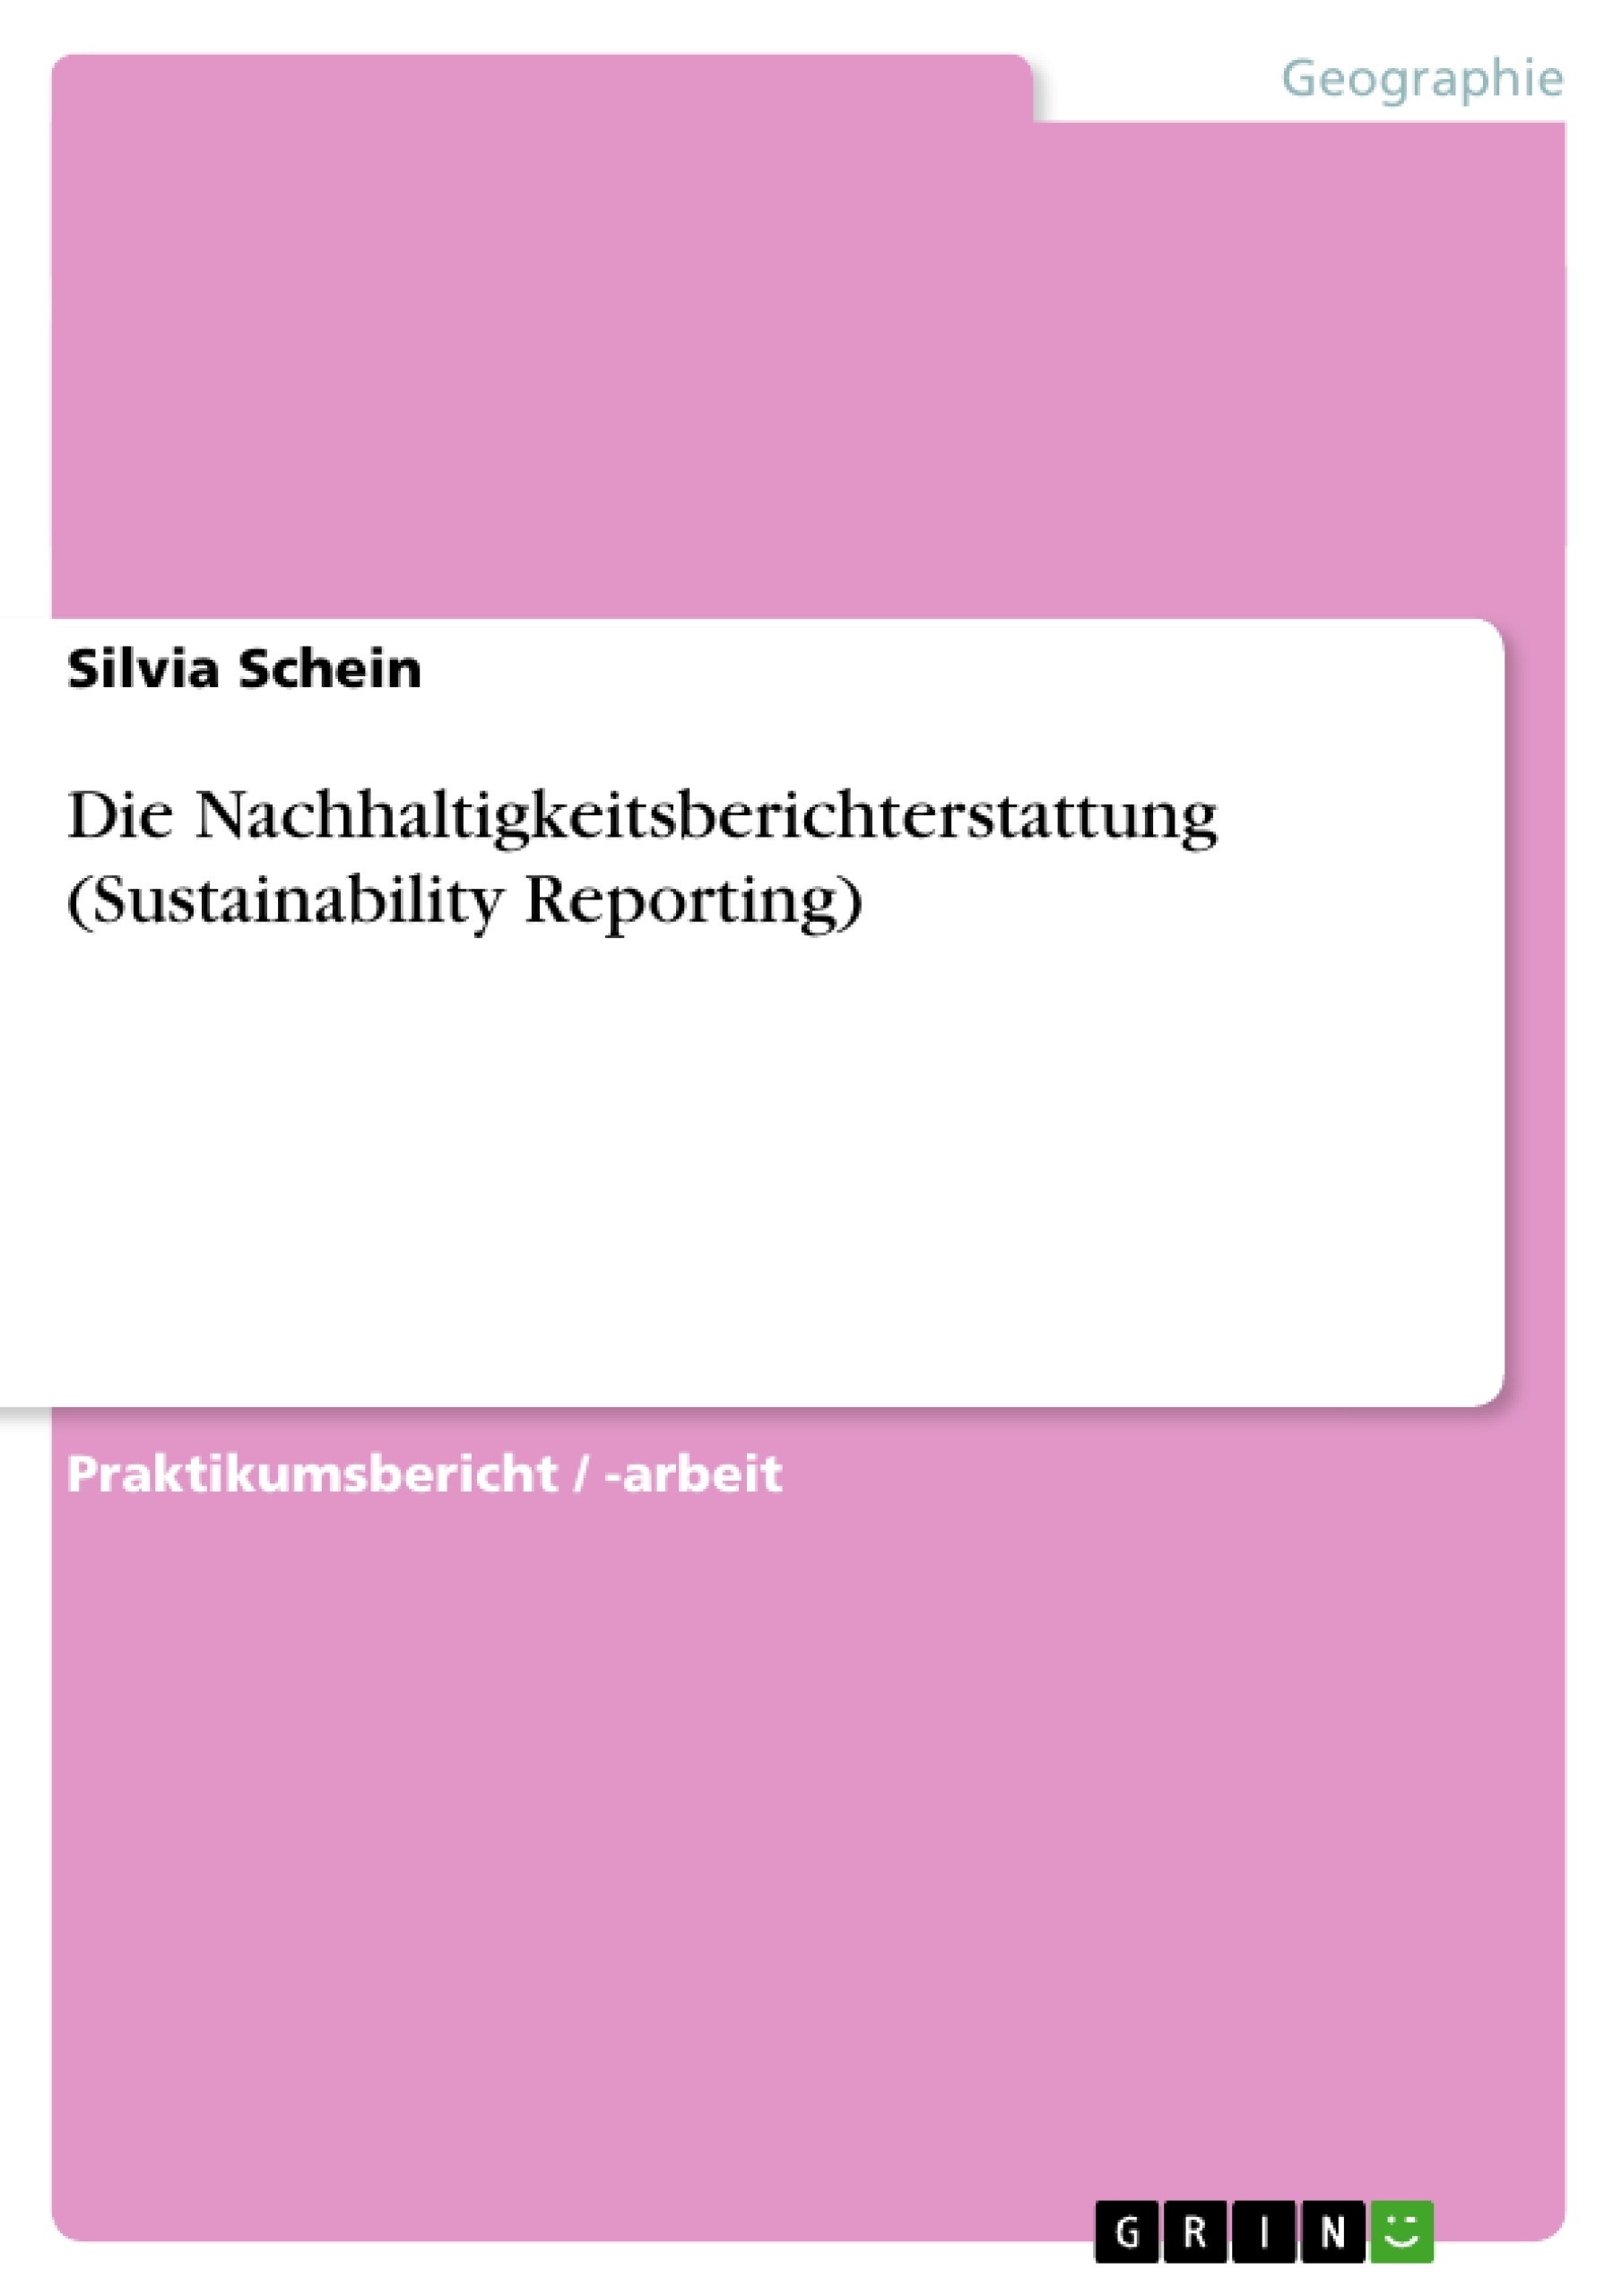 Titel: Die Nachhaltigkeitsberichterstattung (Sustainability Reporting)